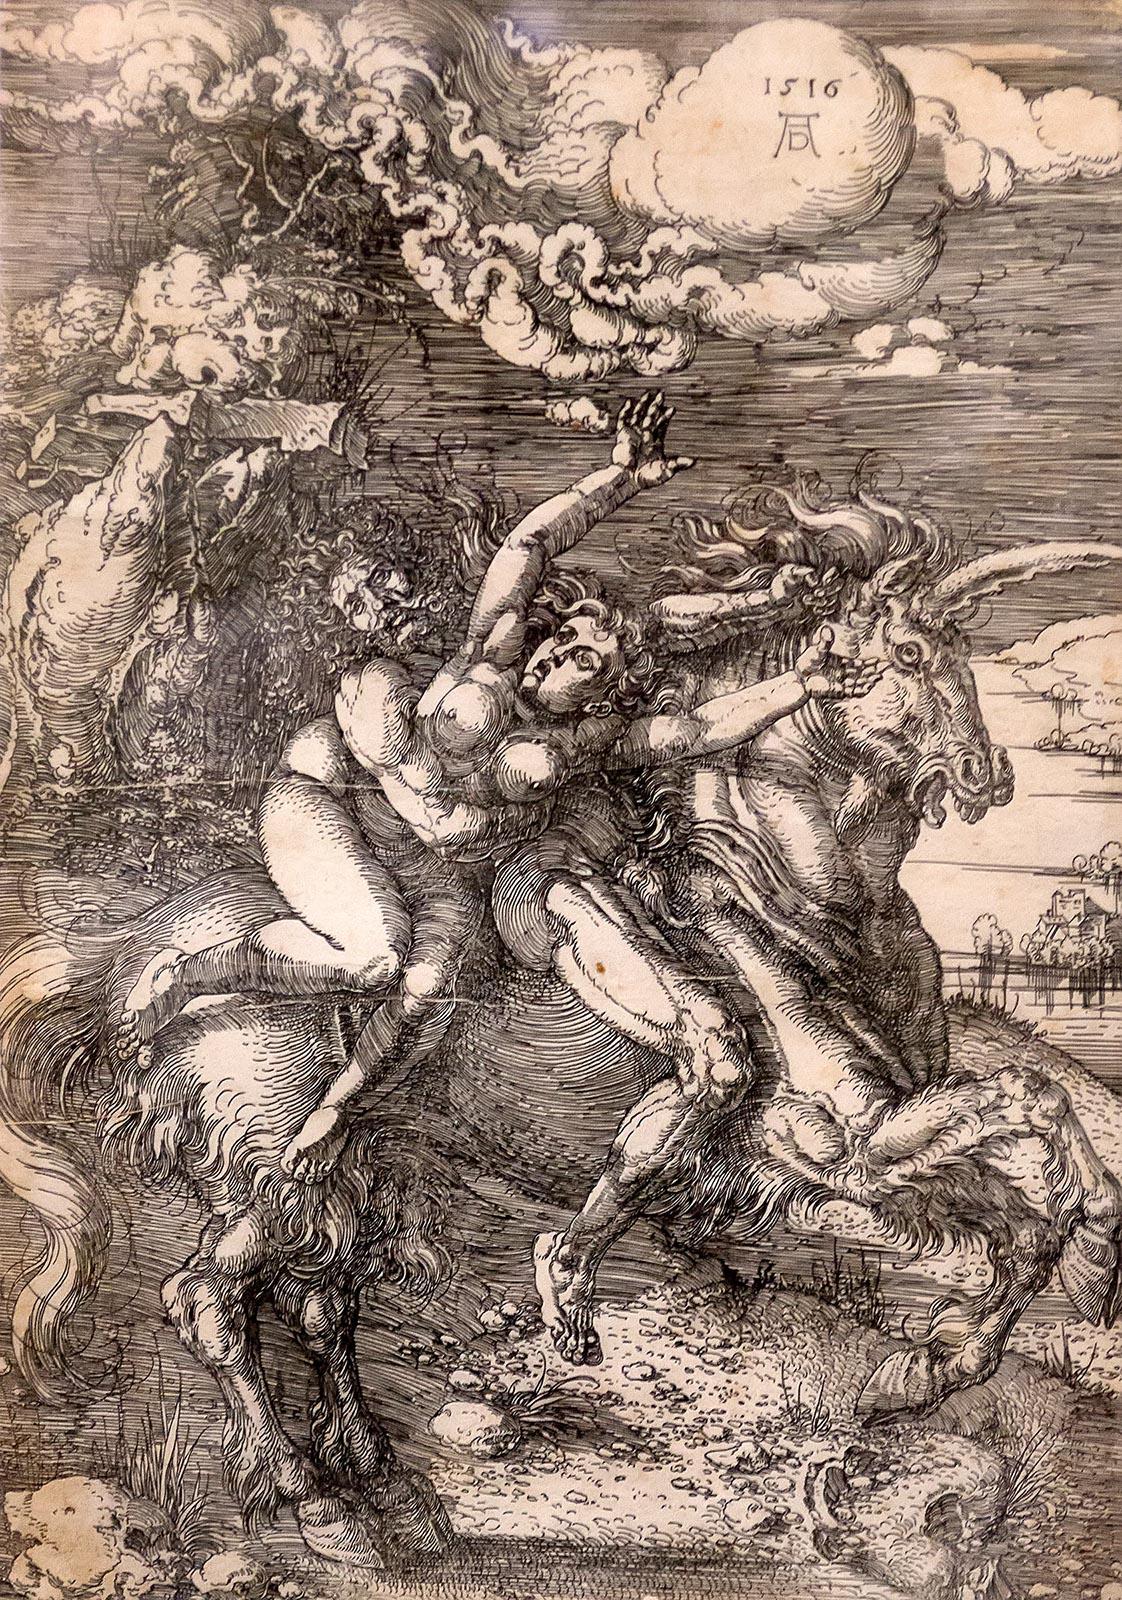 Фото №211623. ДЮРЕР, АЛЬБРЕХТ. 1471-1528. ПОХИЩЕНИЕ НА ЕДИНОРОГЕ. 1516